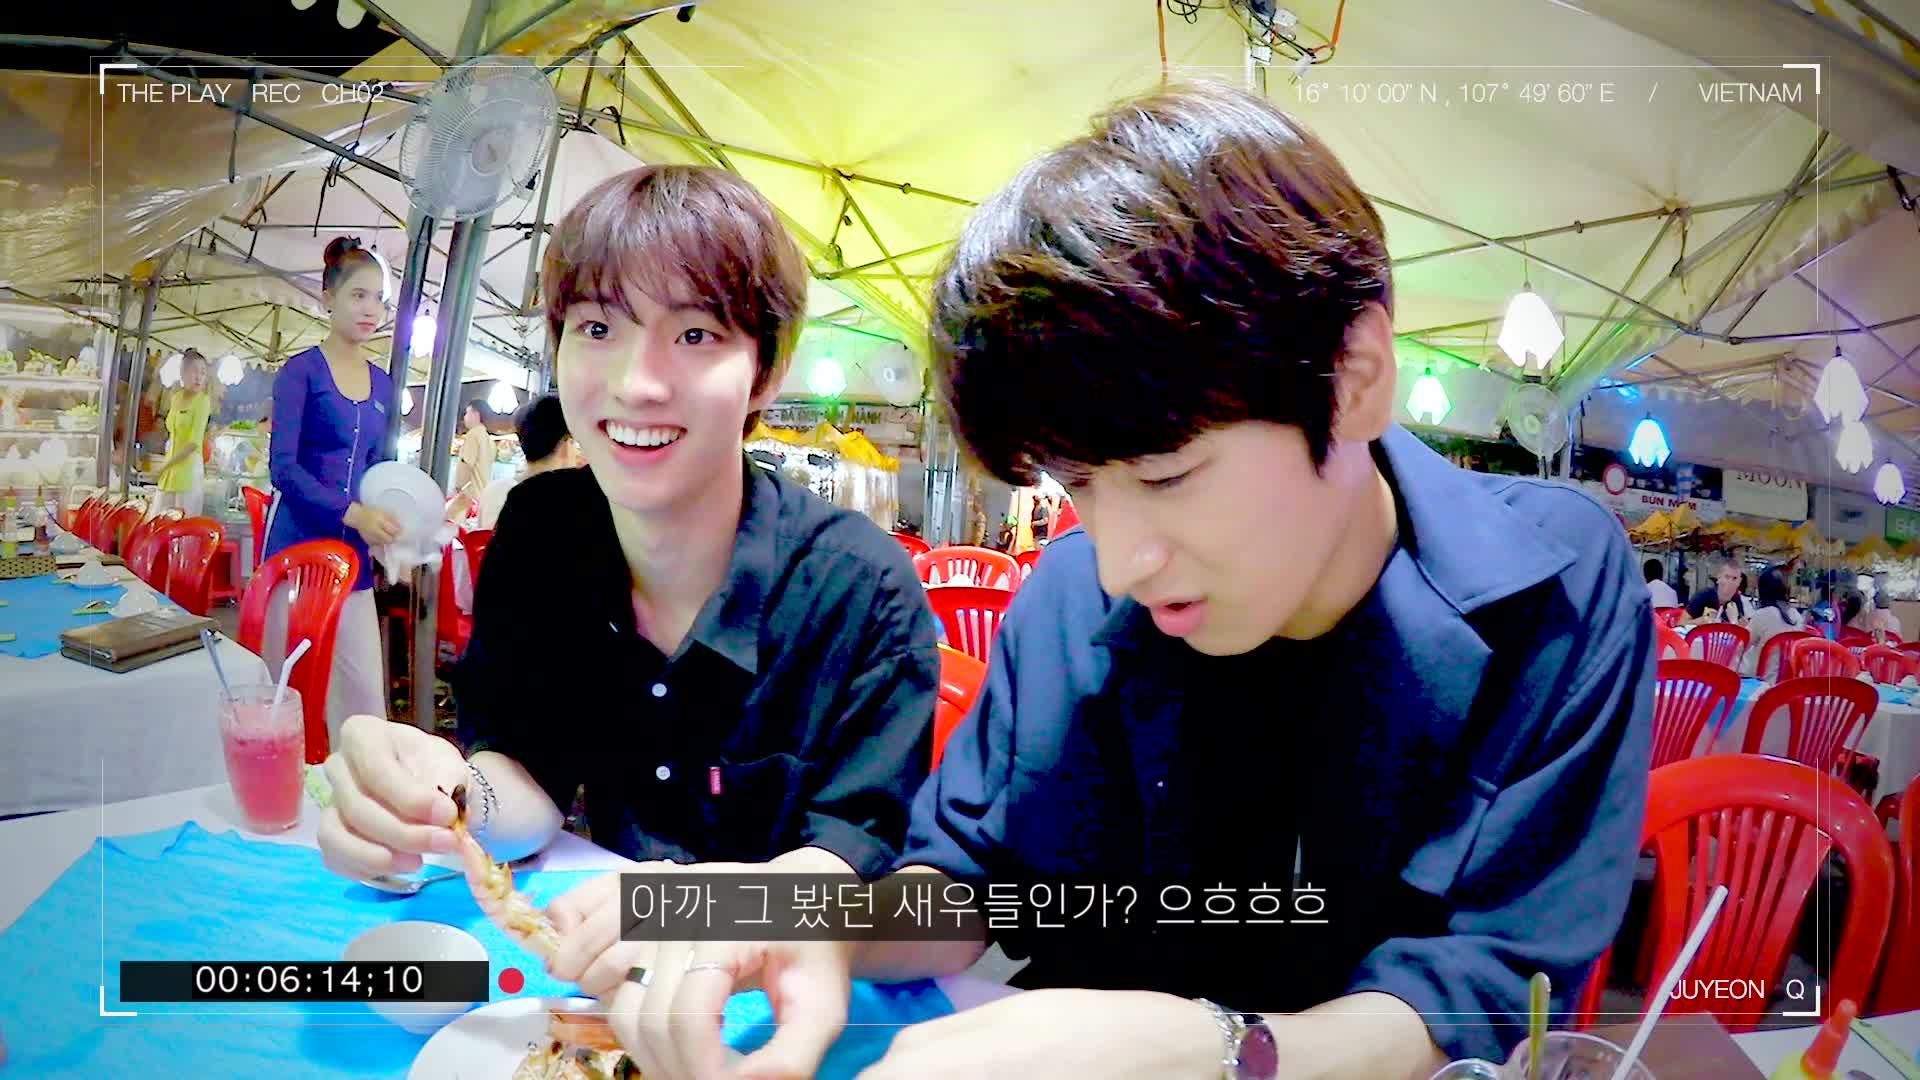 [덥:플레이(THE PLAY)] Vietnam SP EP.2 - 주연&큐